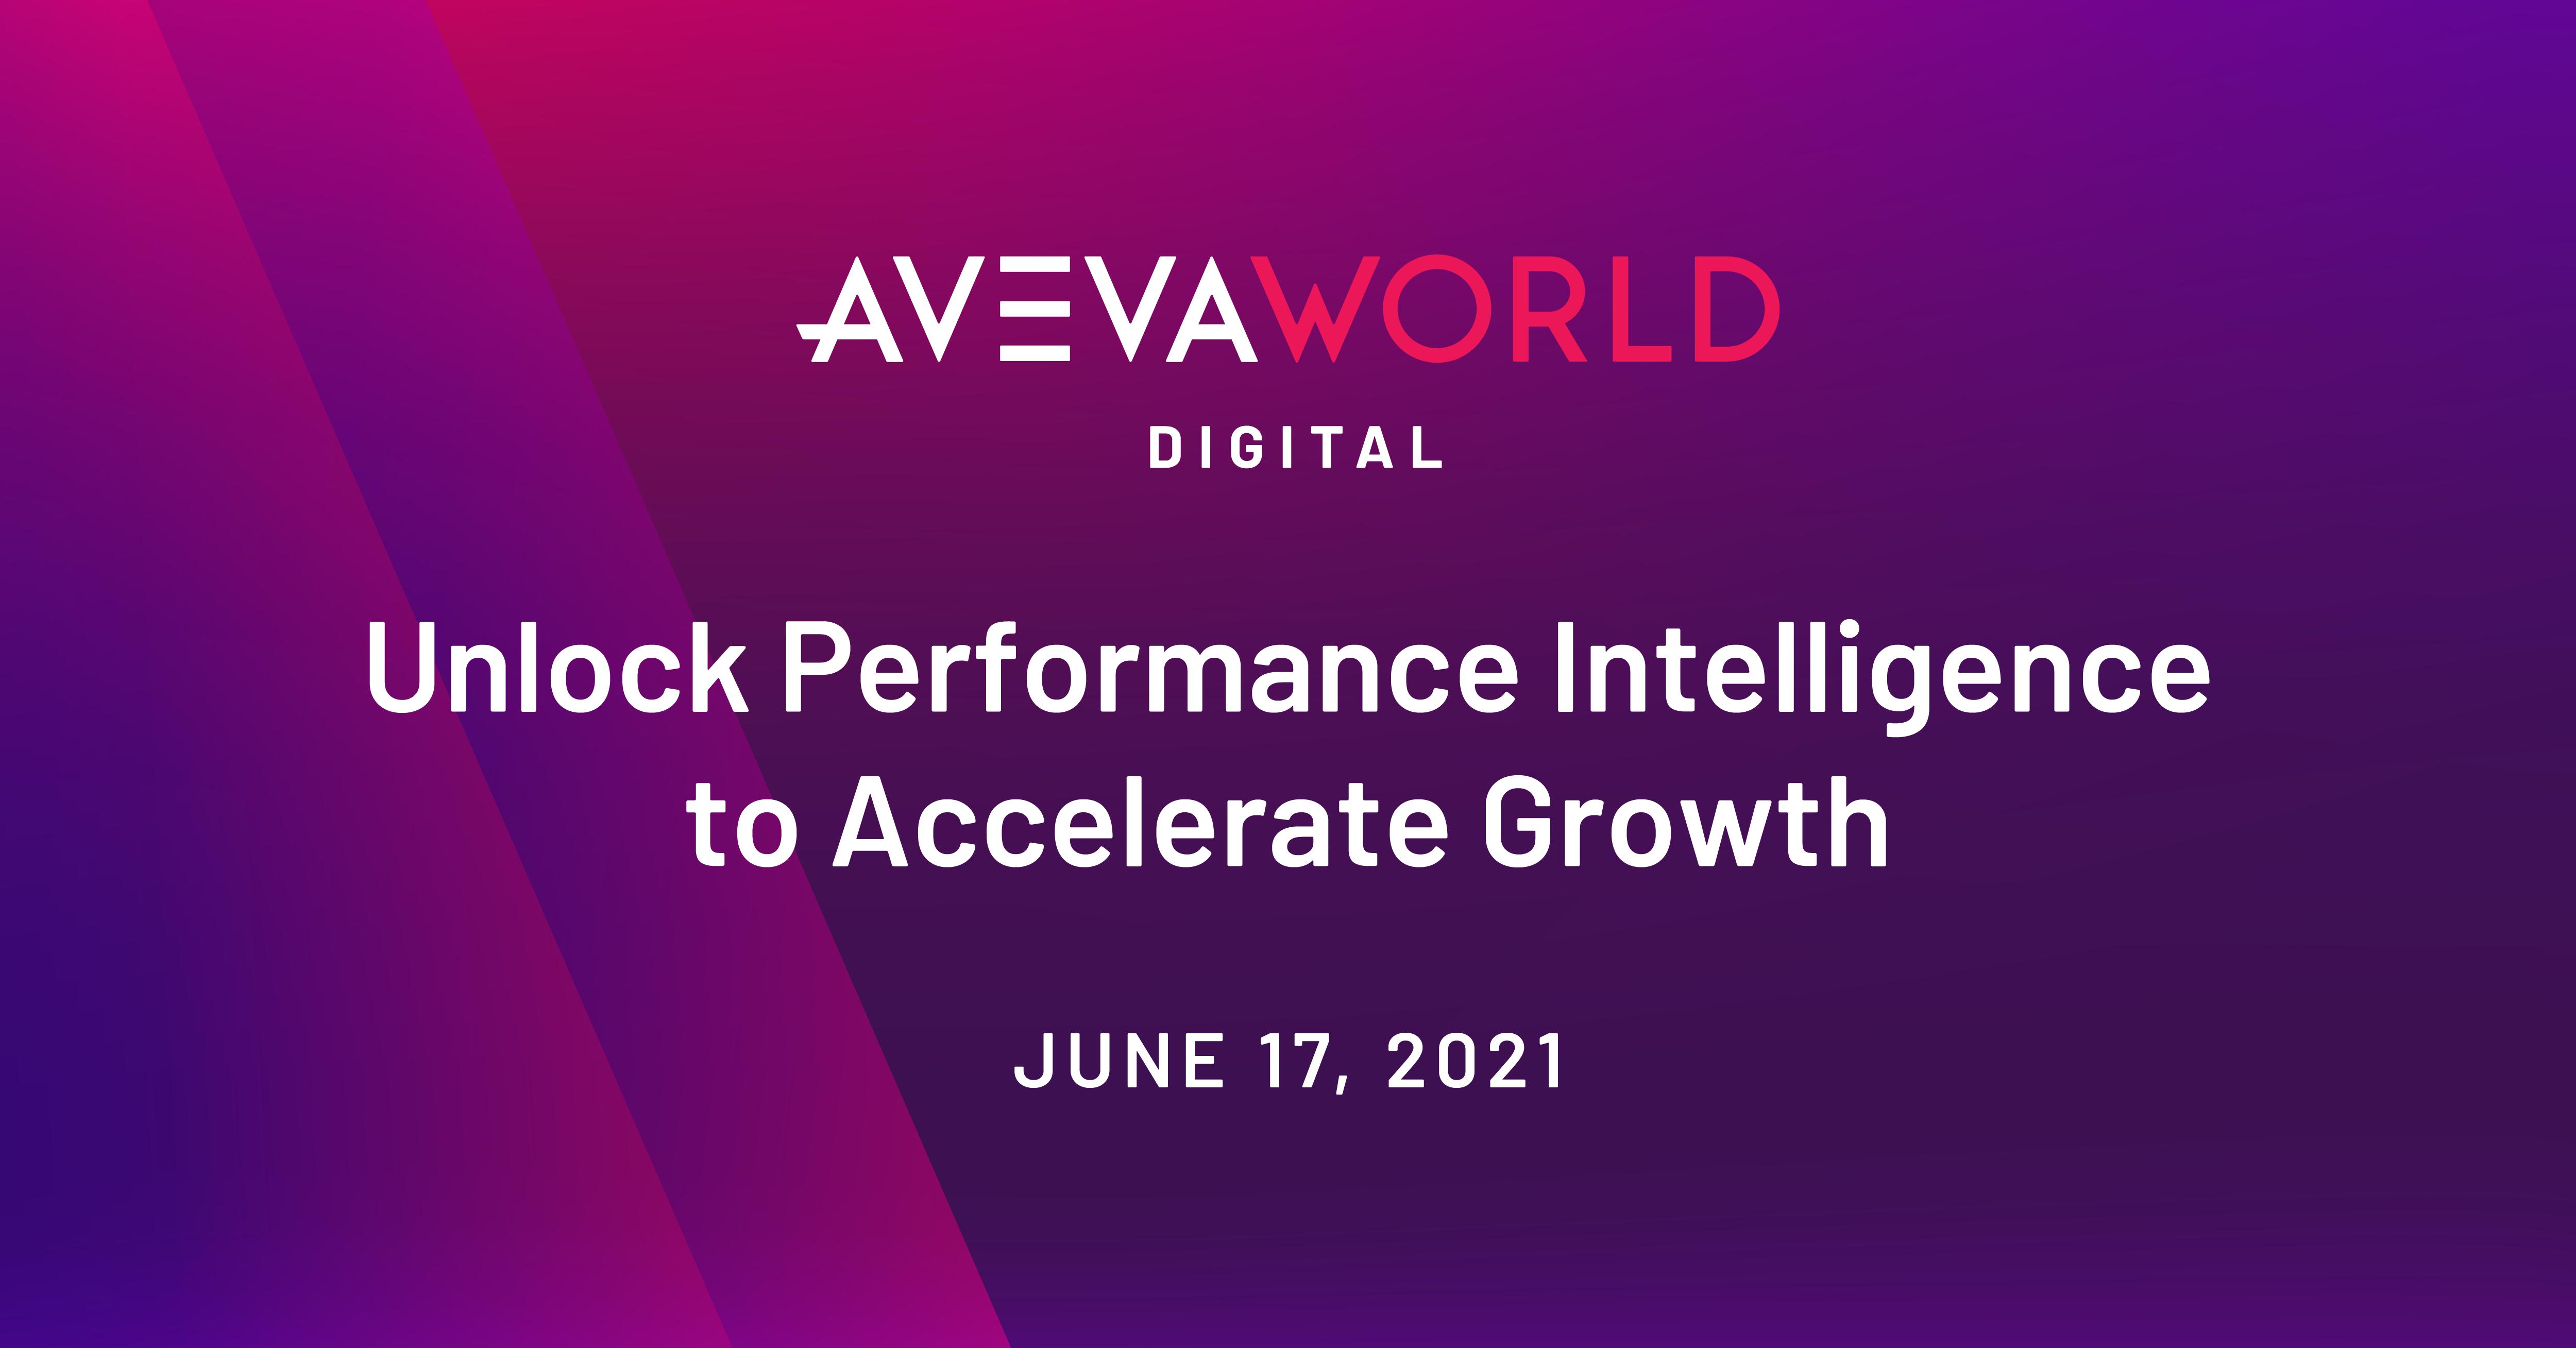 AVEVA World Digital, June 17, 2021